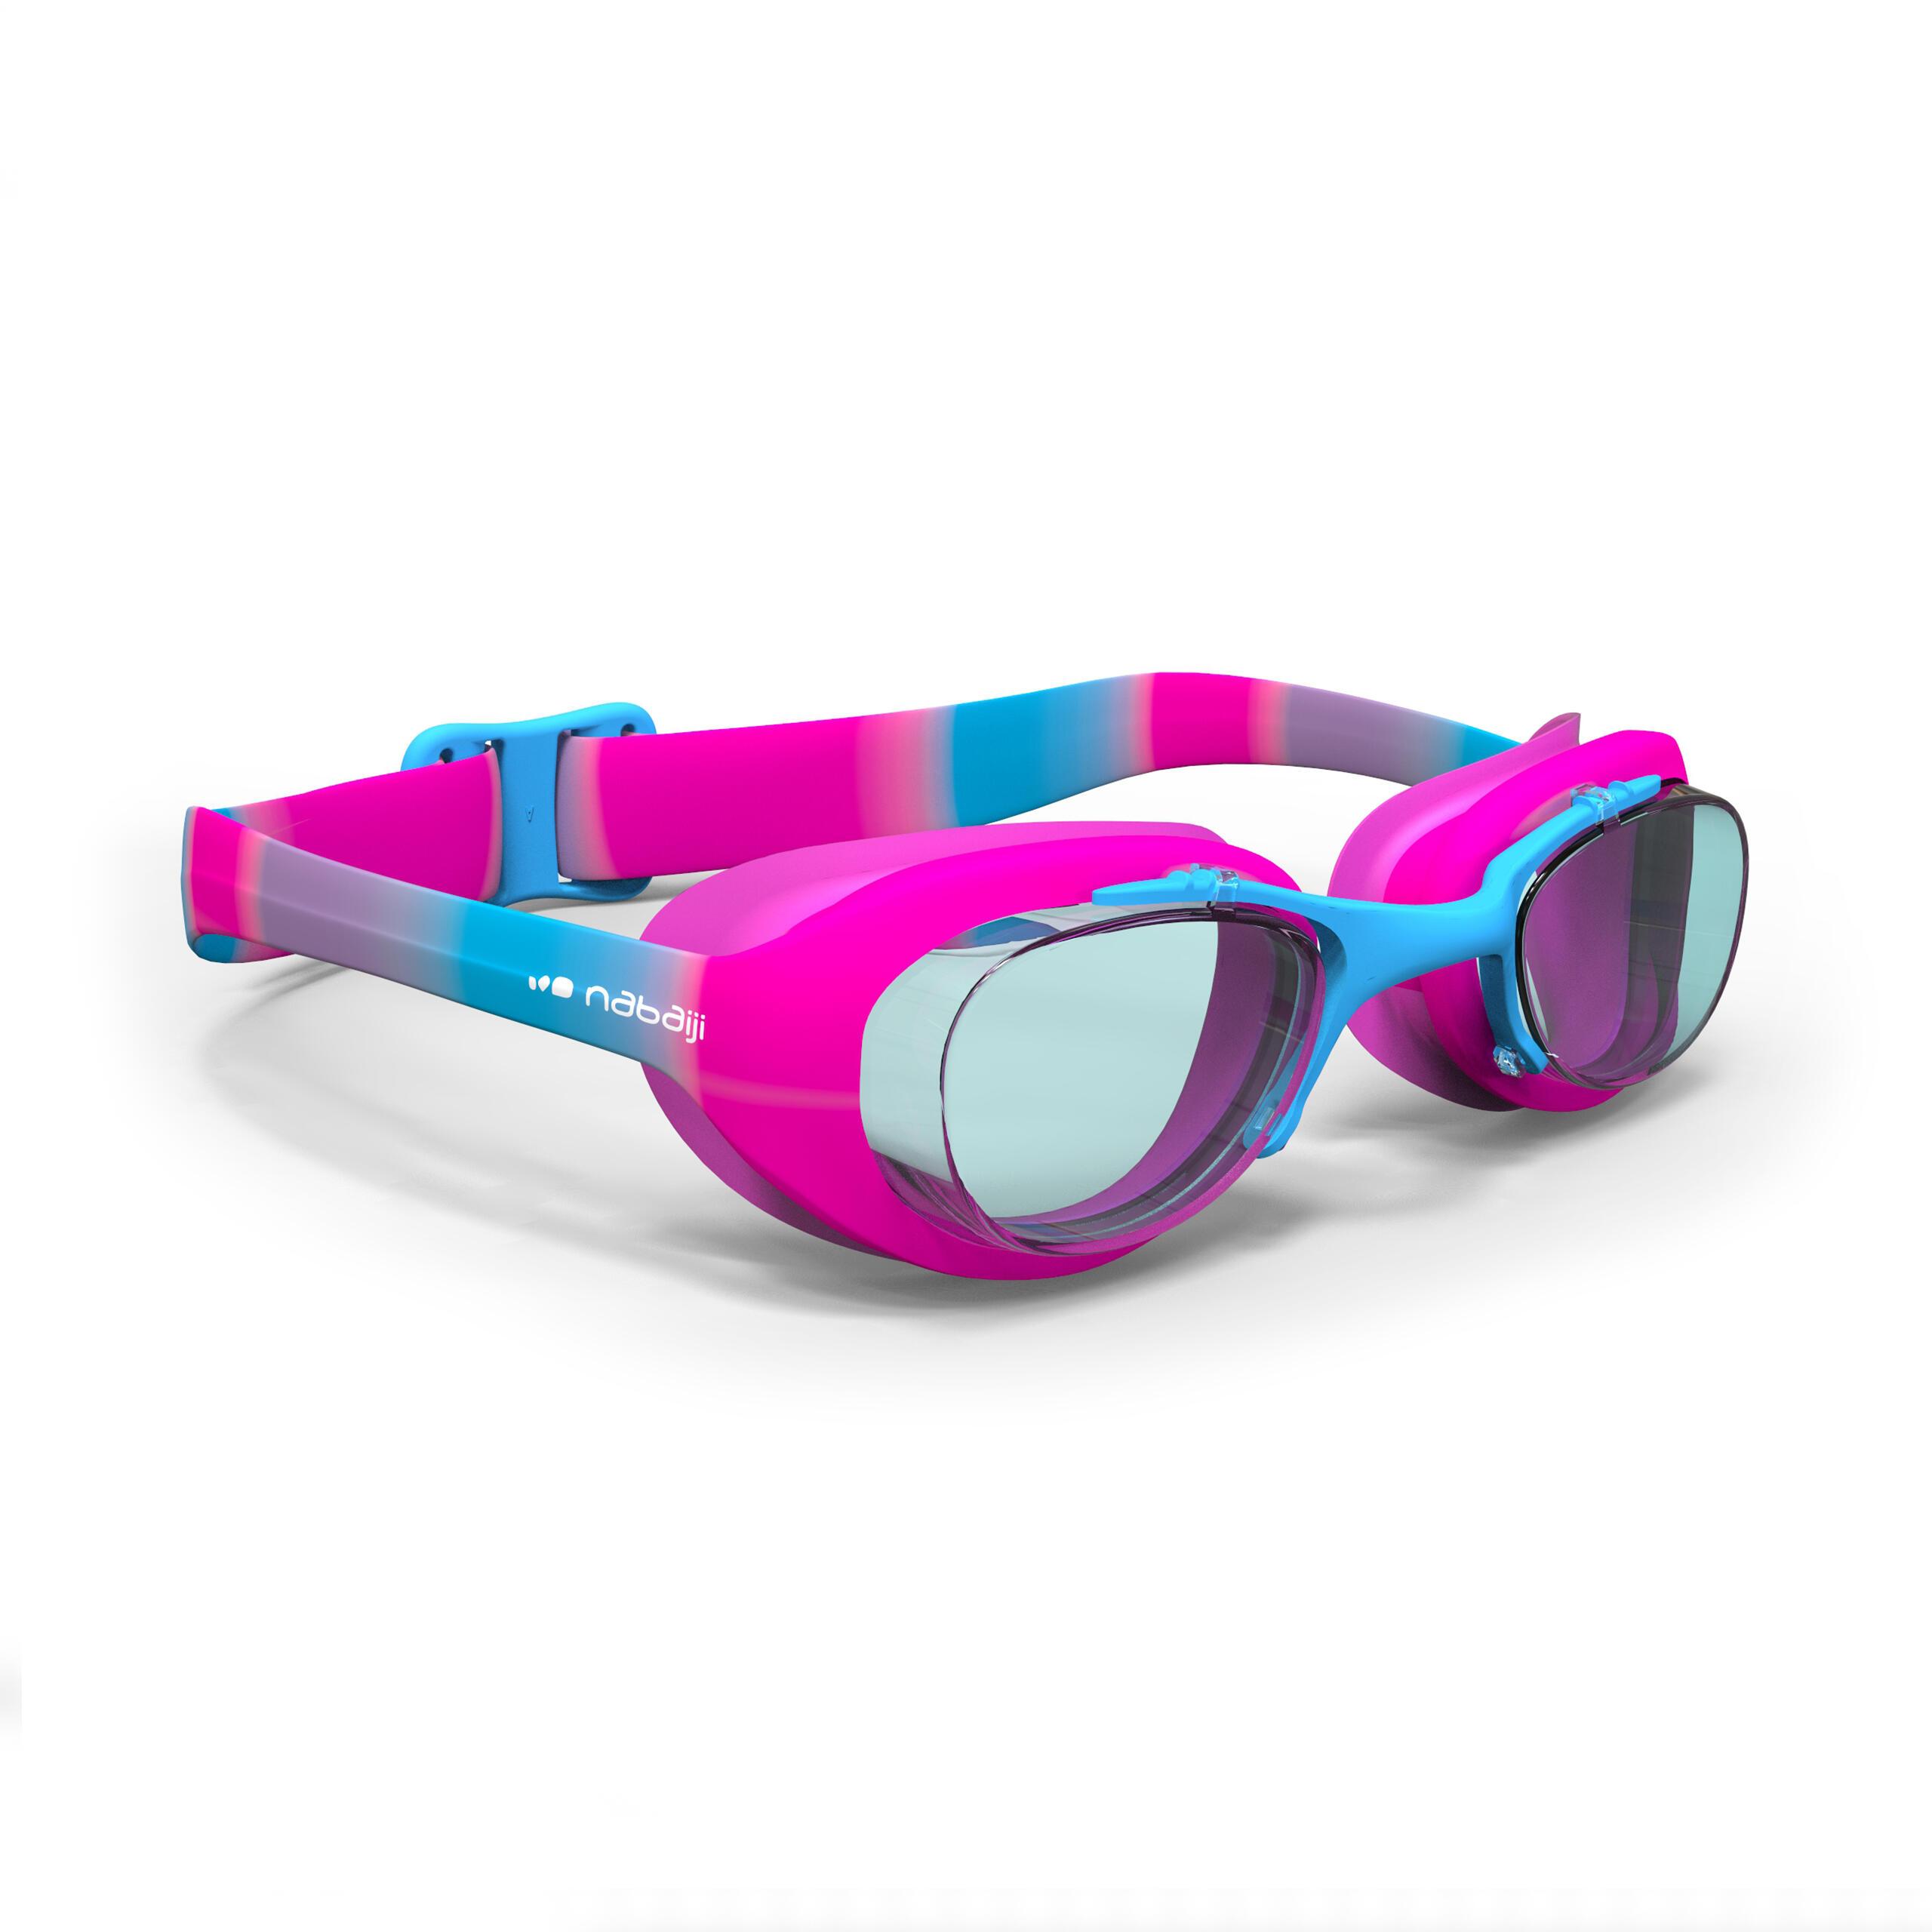 XBASE JUNIOR ALLUSY swimming goggles - Black